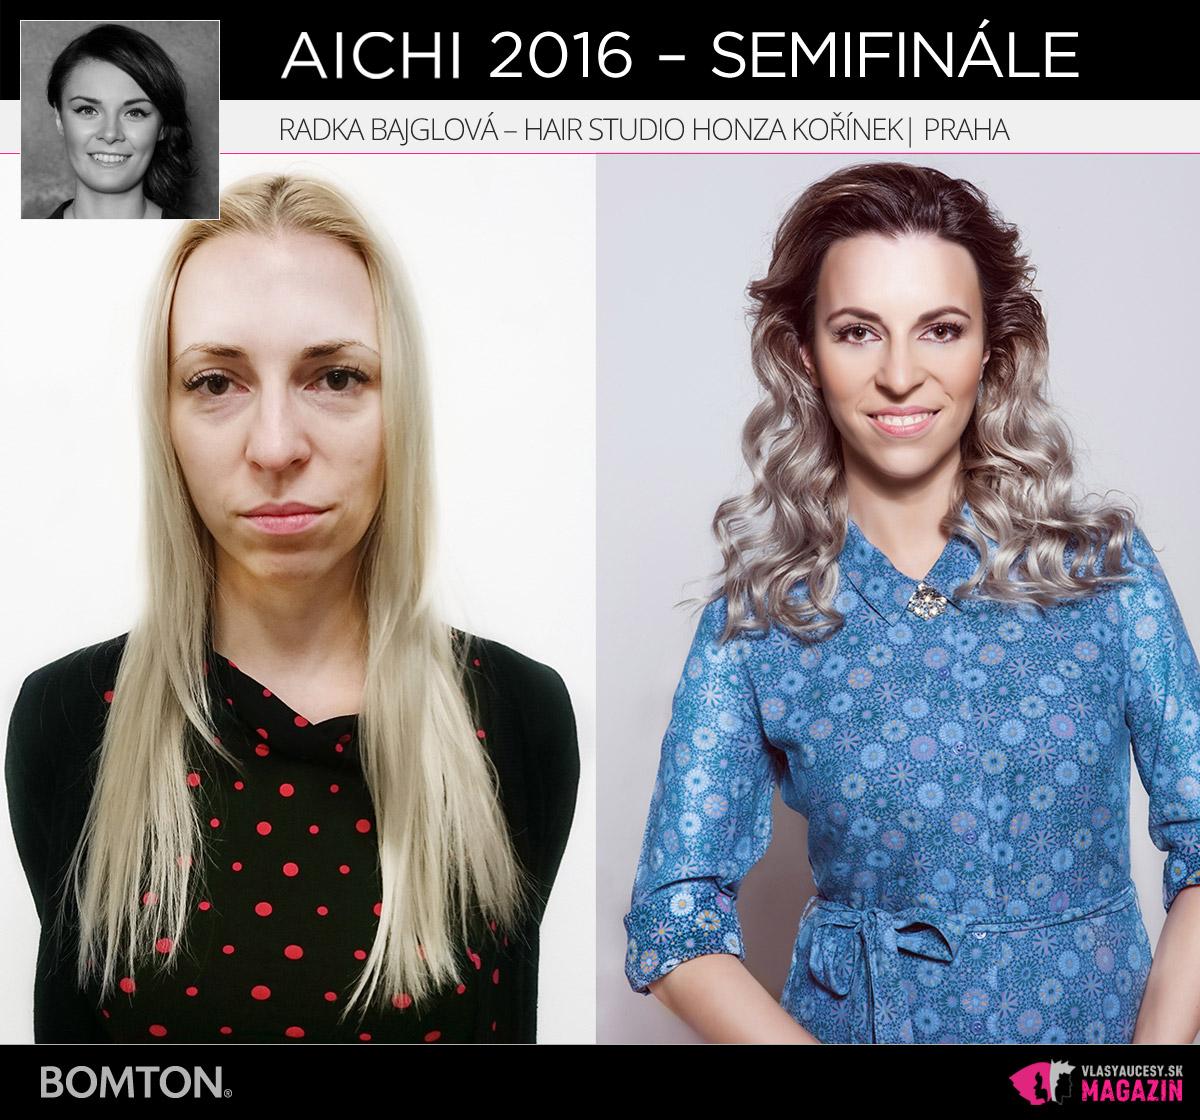 Radka Bajglová – Hair studio Honza Kořínek, Praha | Premeny AICHI 2016 – postupujúci do semifinálového kola